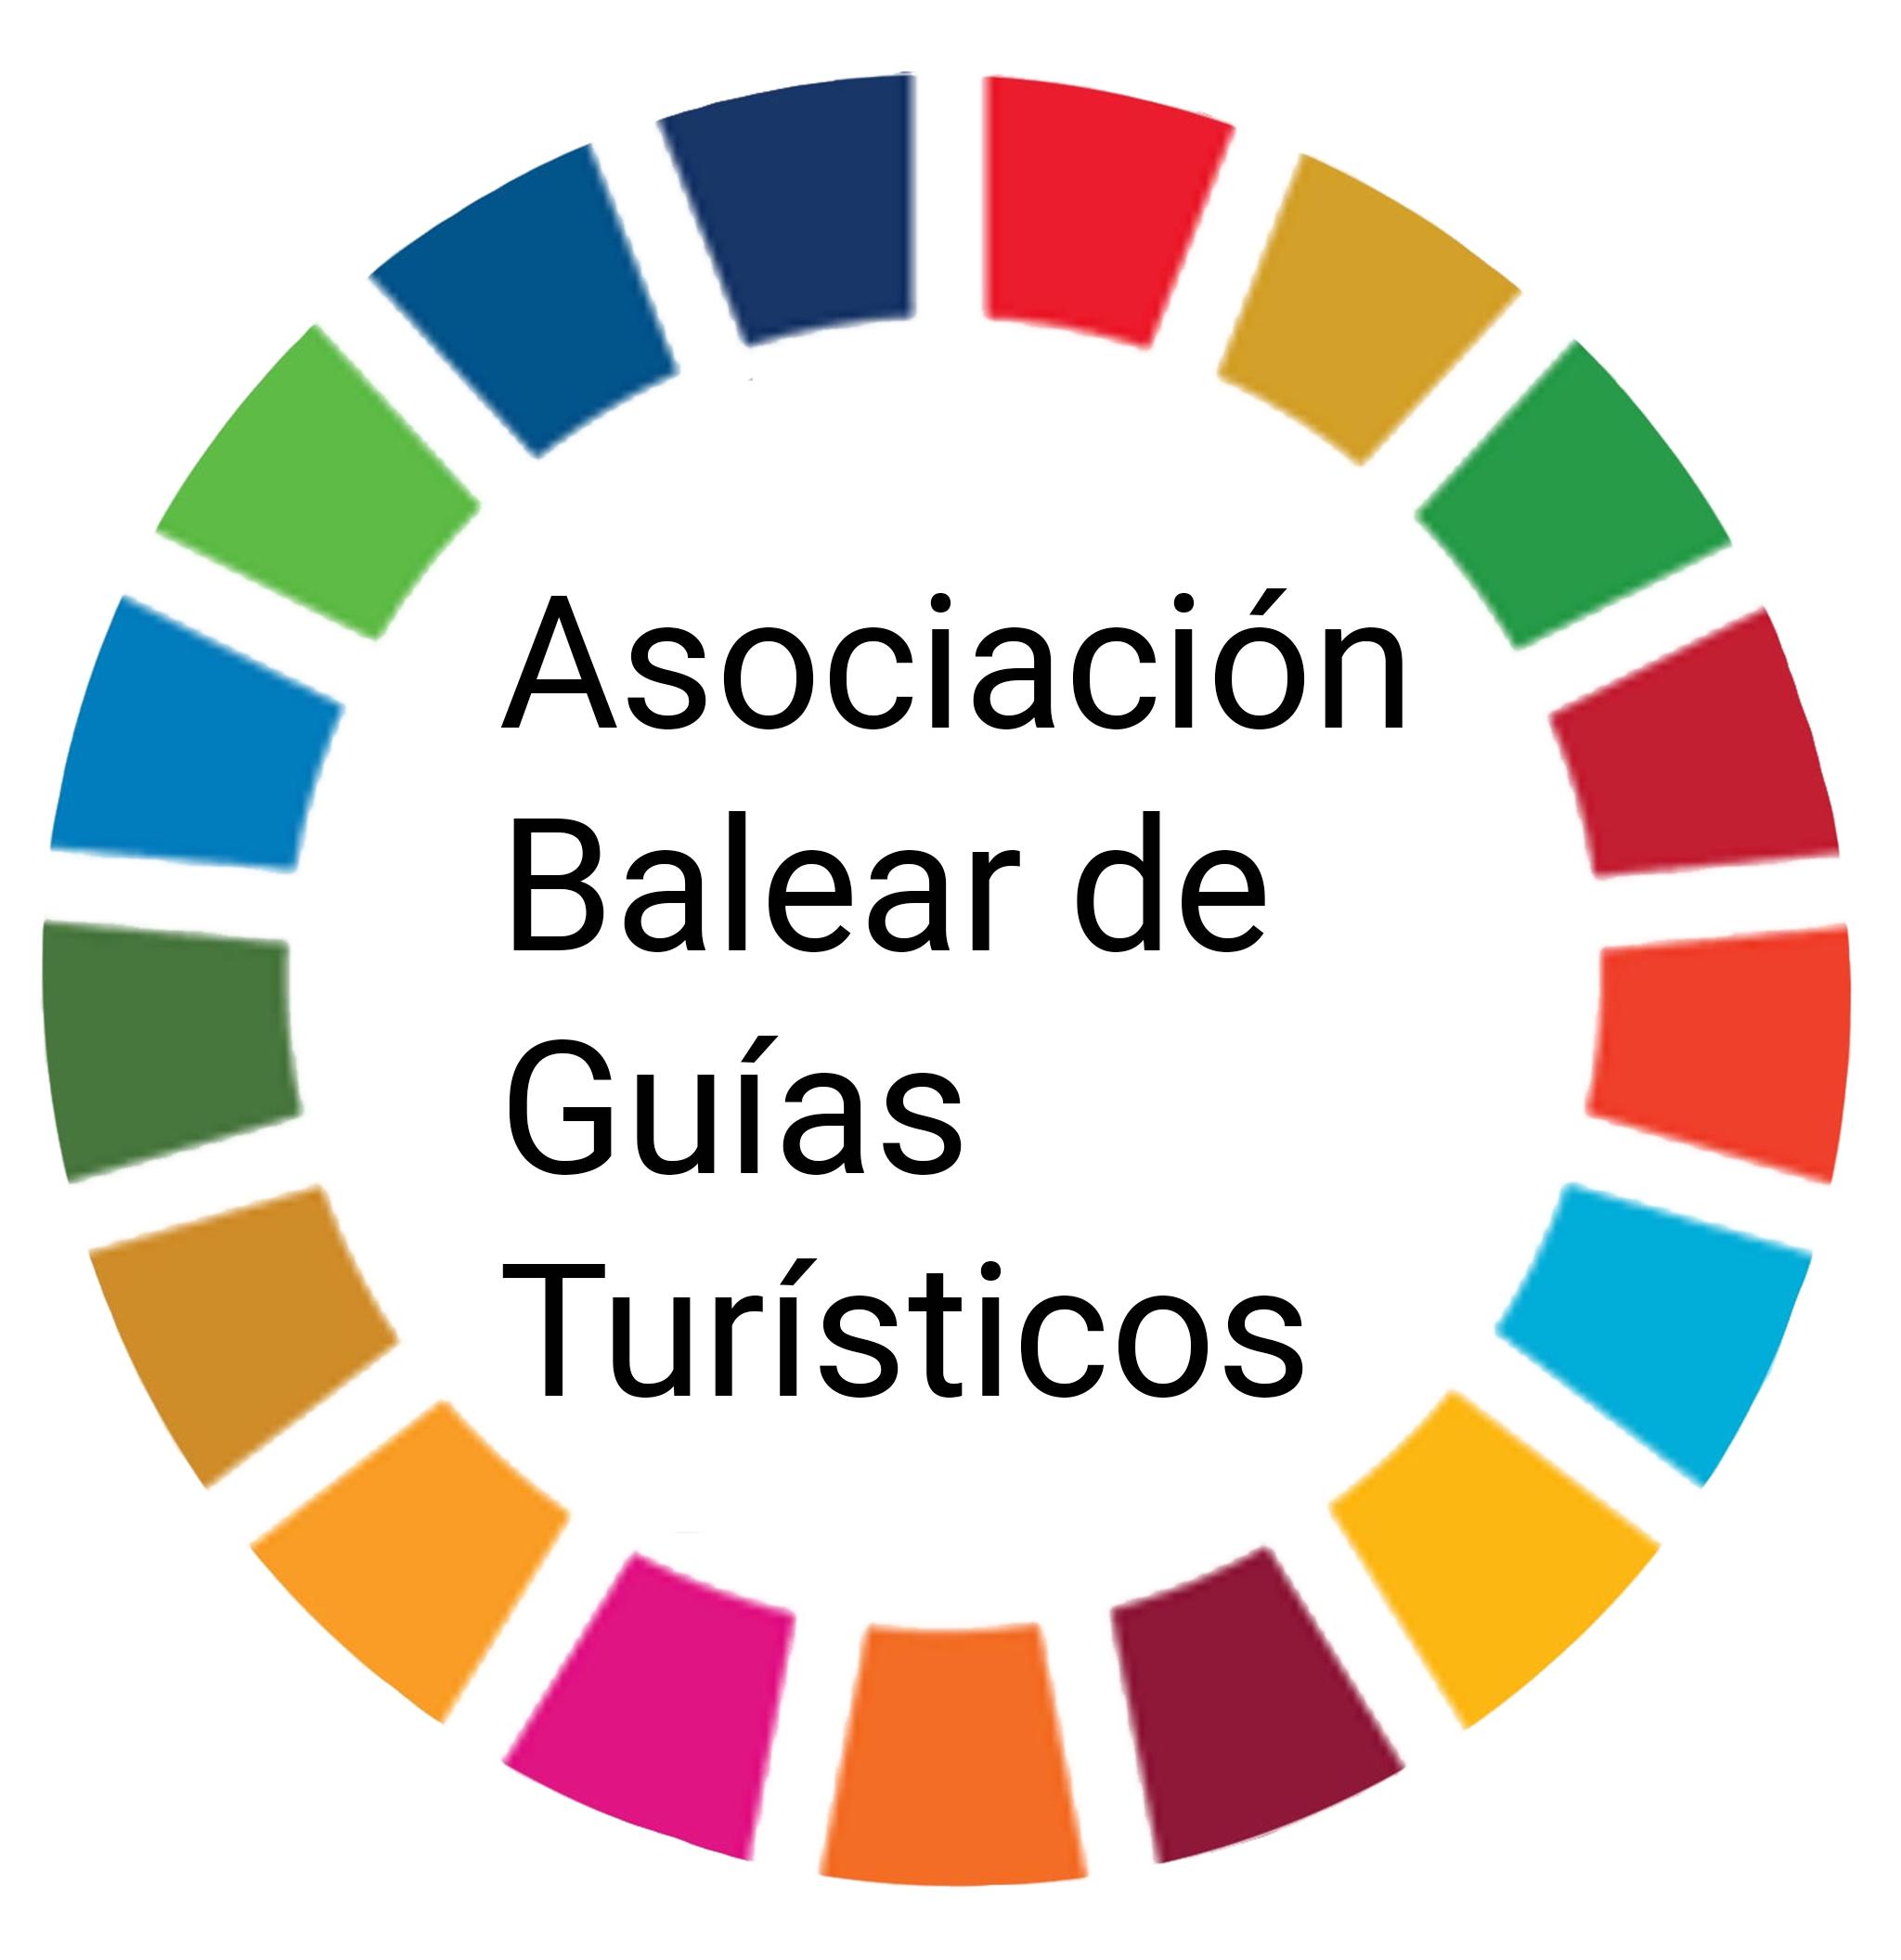 ASOCIACION BALEAR DE GUÍAS TURÍSTICOS